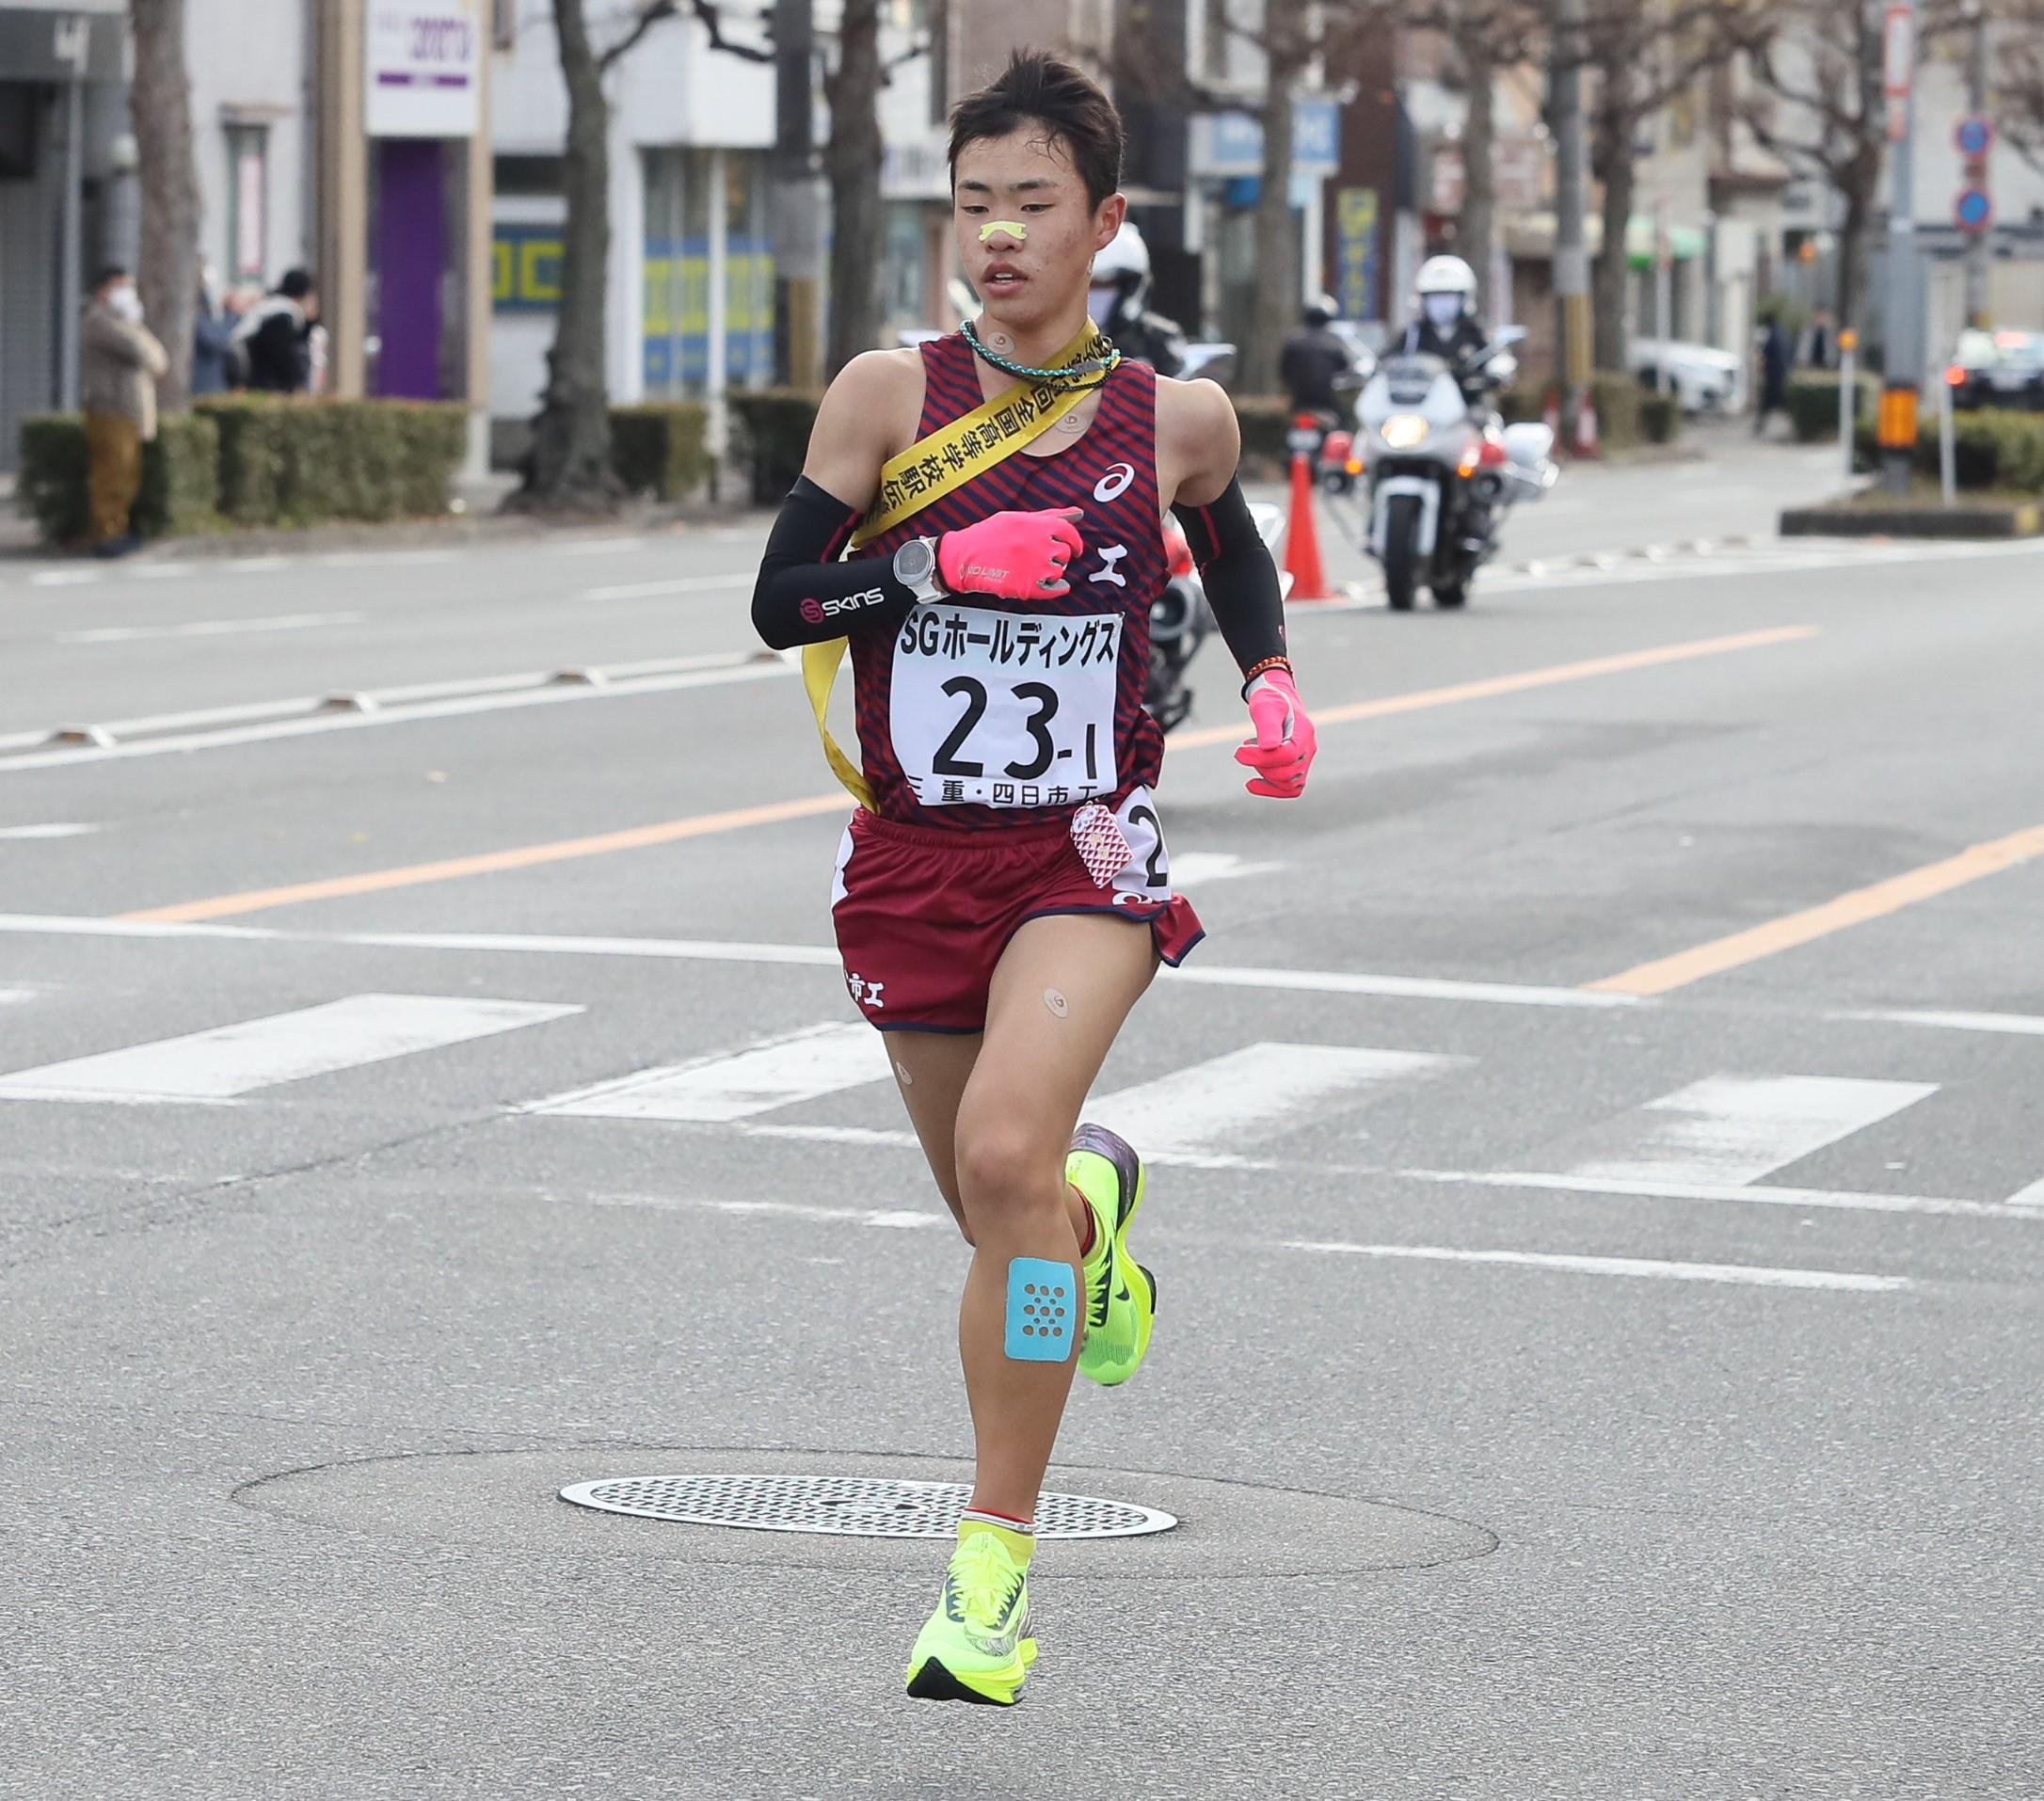 全国高校大会男子5000m2位の佐藤は東京国際大に進学。同大初の13分ランナーとして期待が懸かる(写真/牛島寿人)